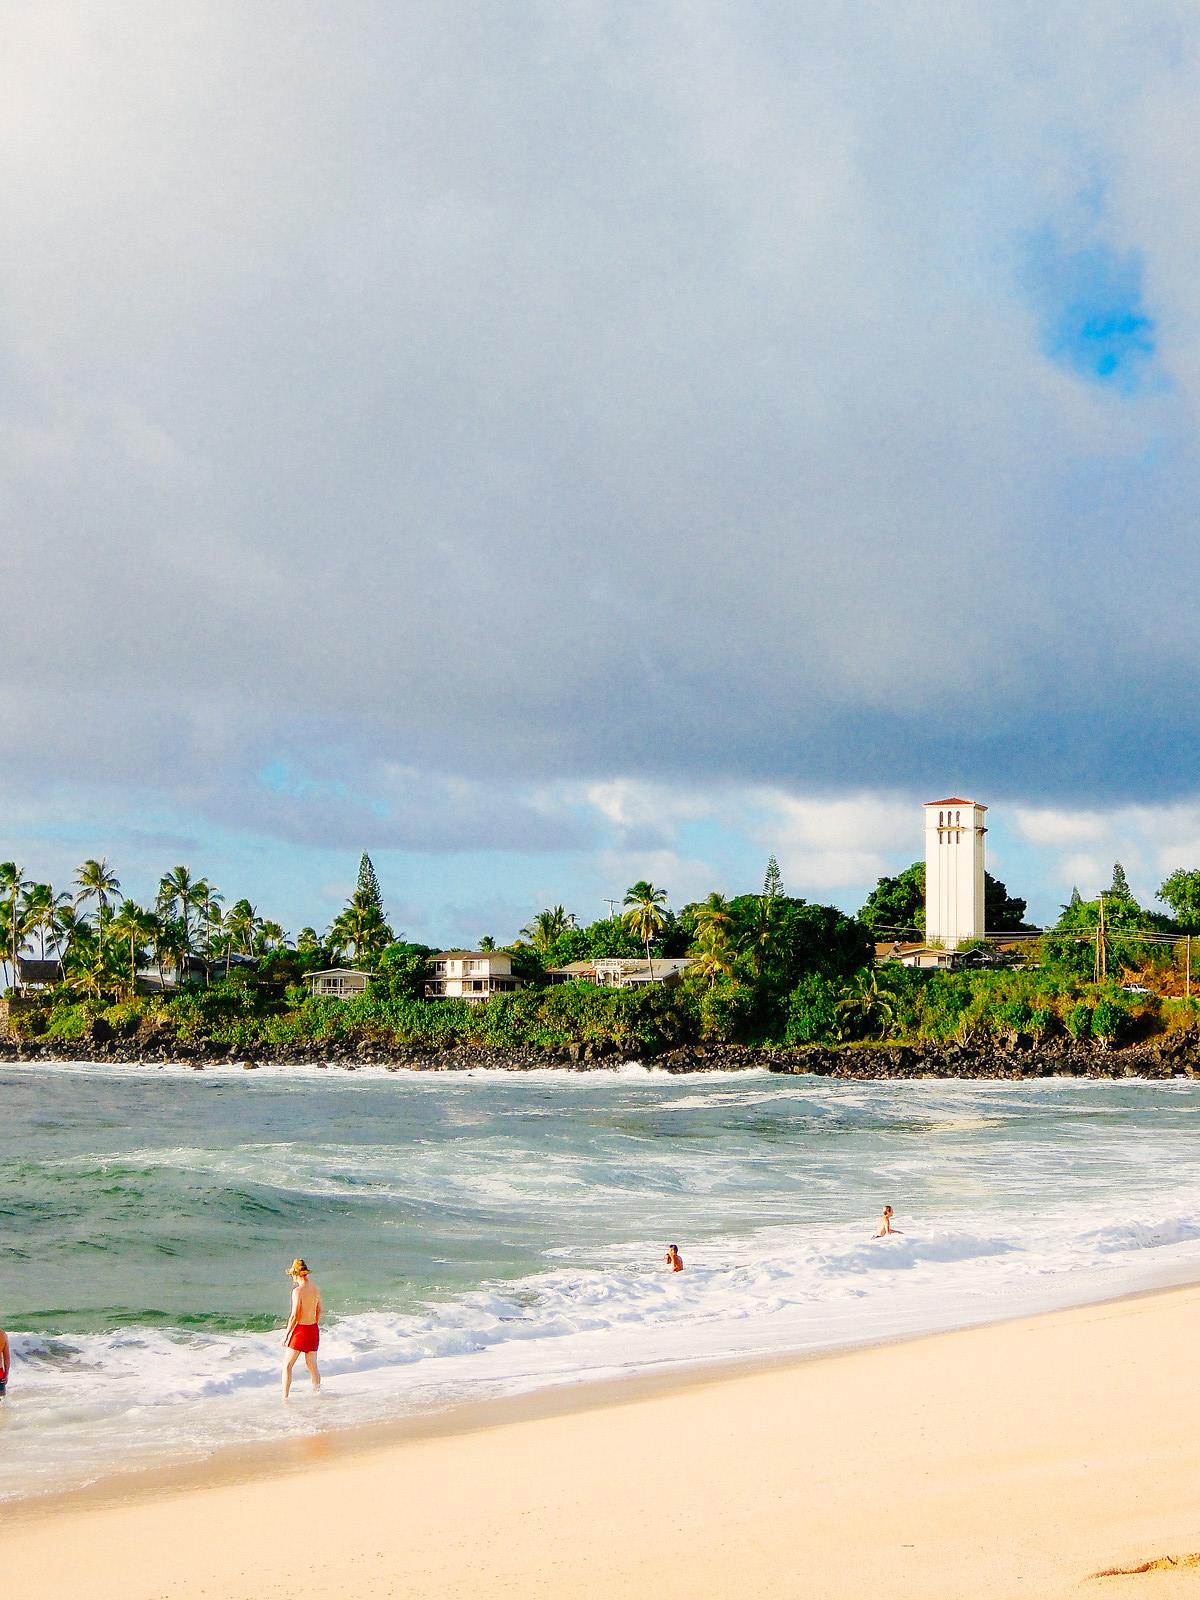 Waimea Beach in Hawaii